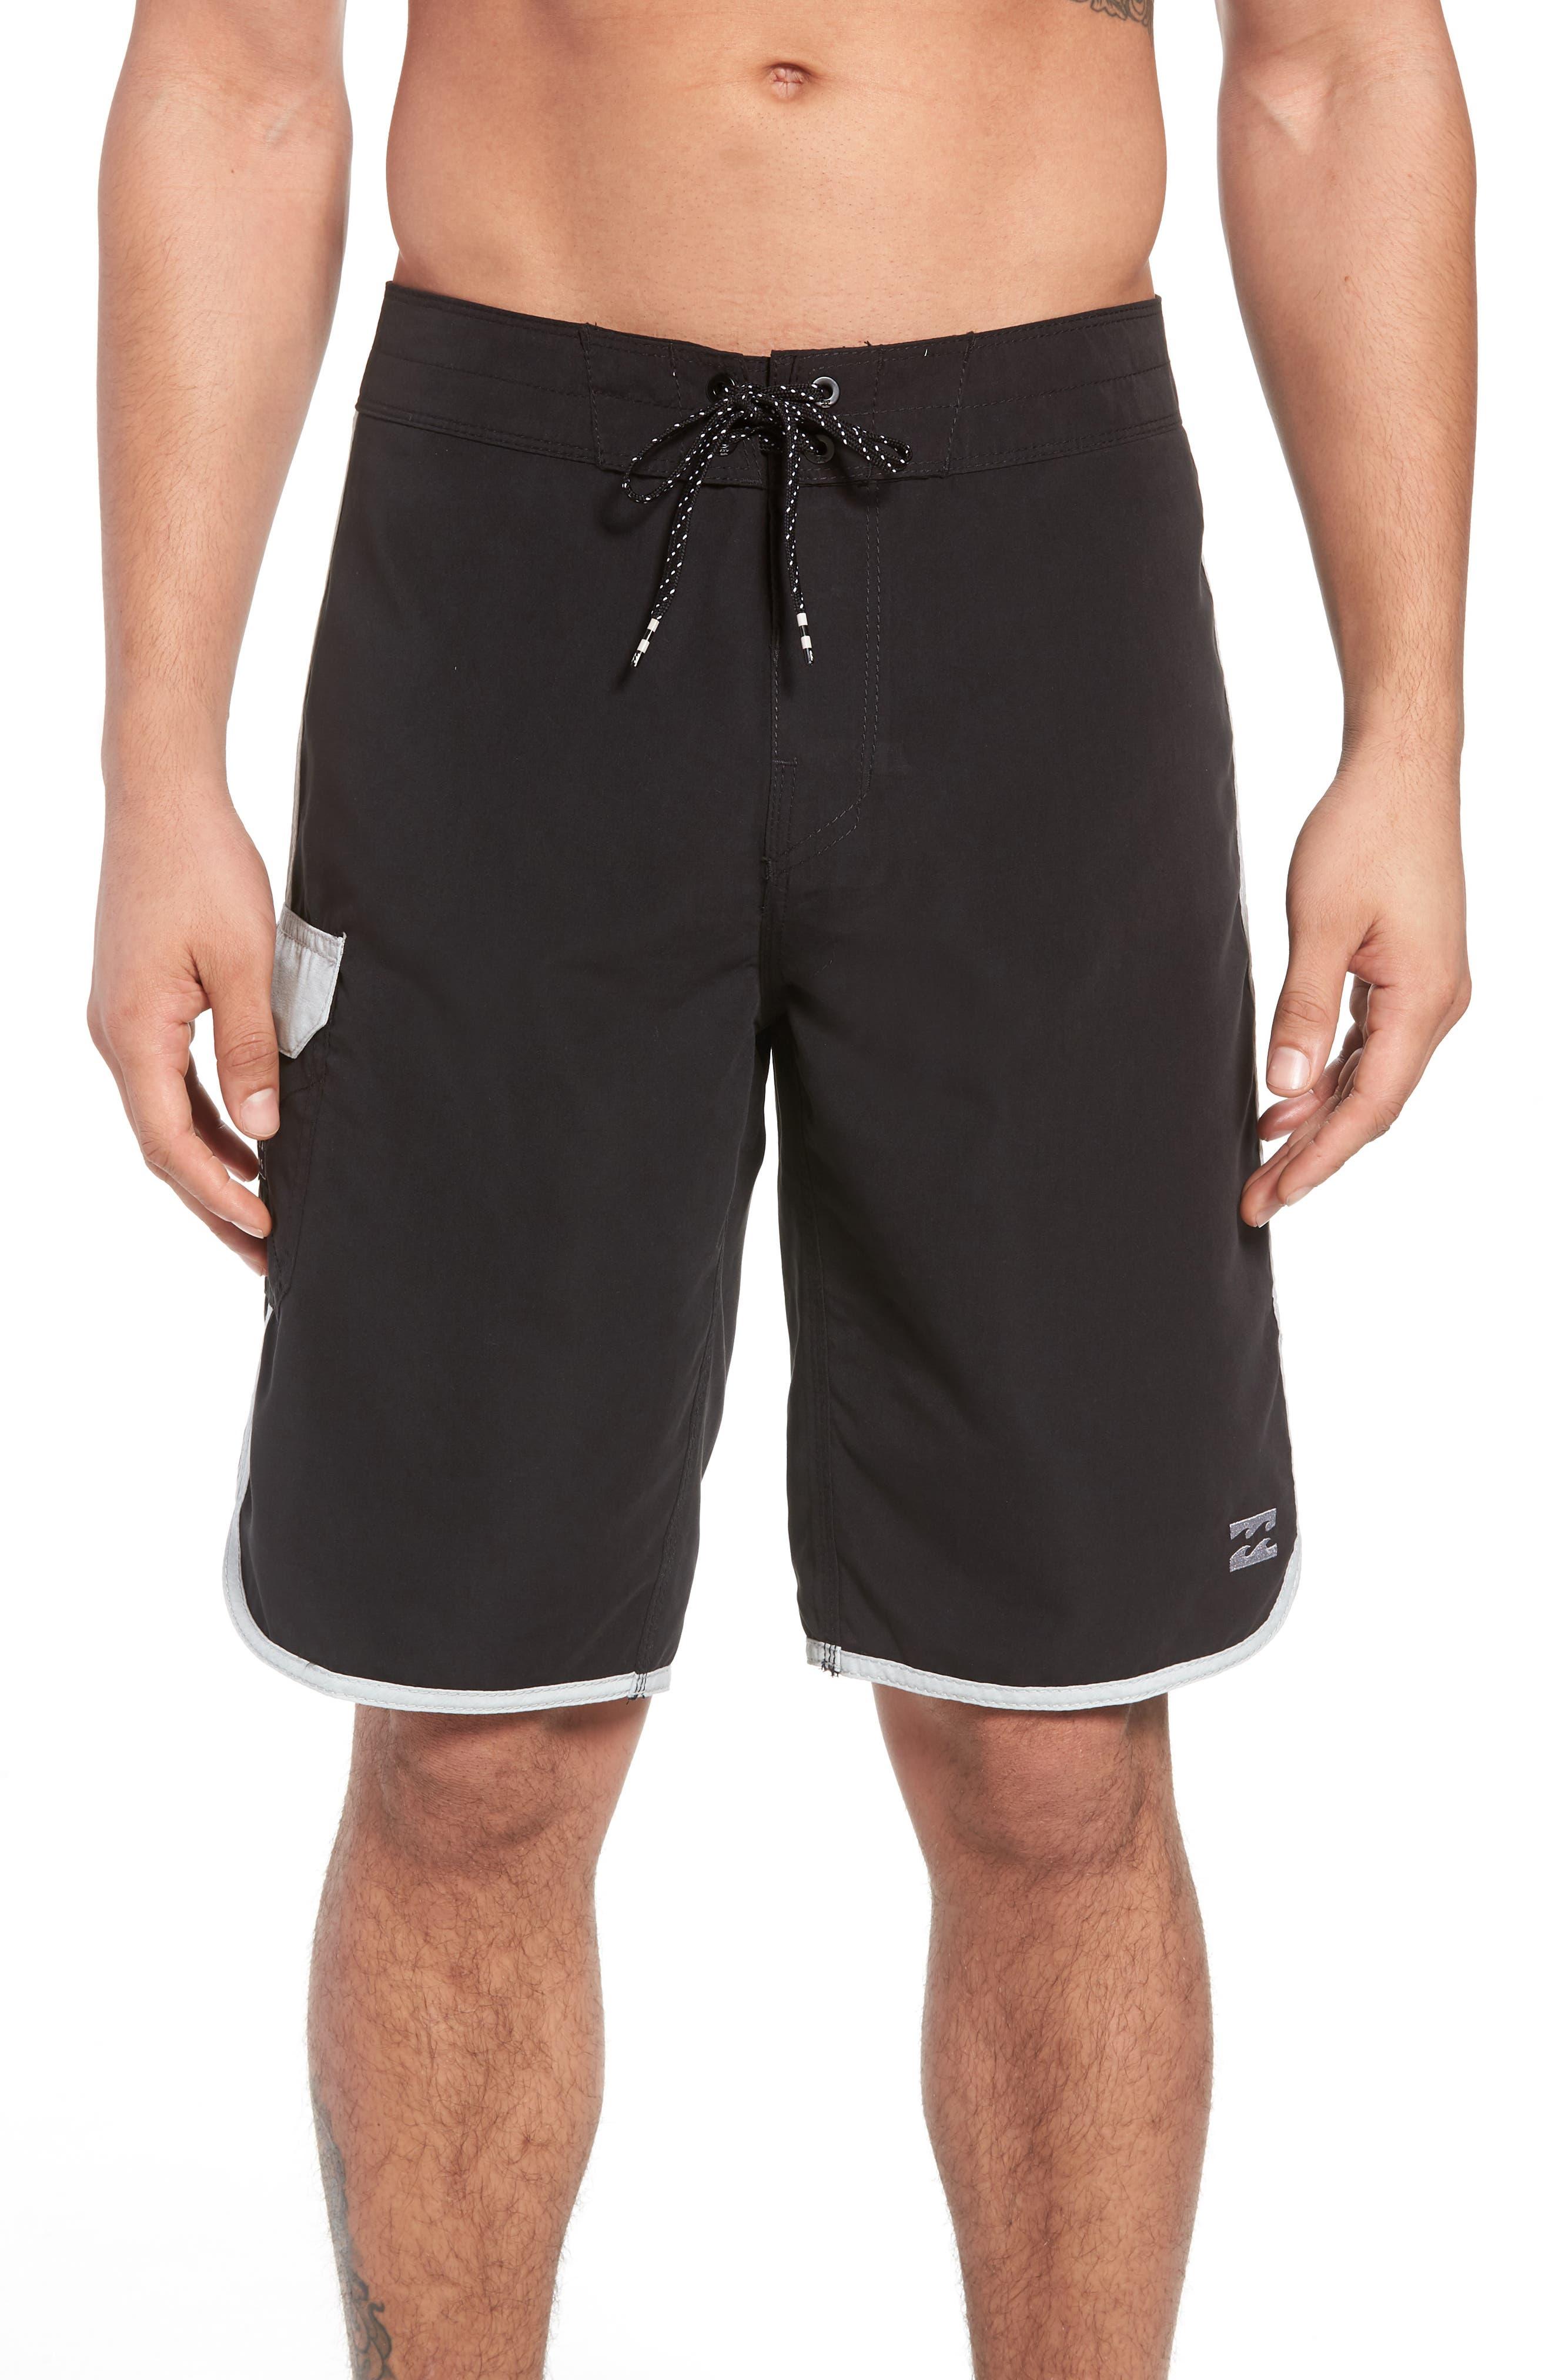 73 OG Board Shorts,                         Main,                         color, Black